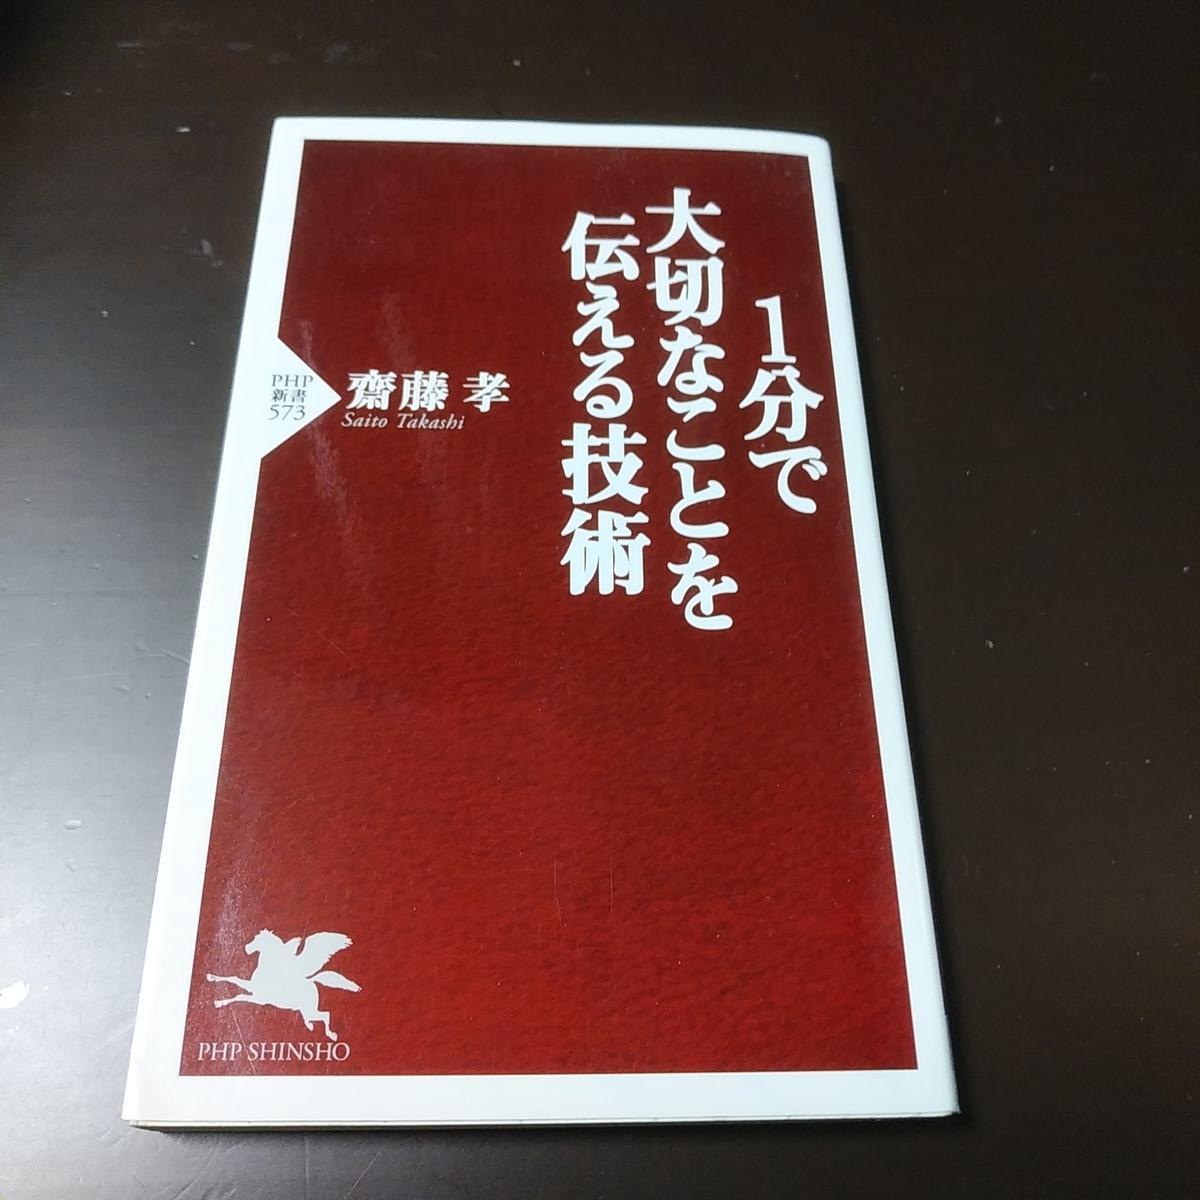 f:id:yumi_11819:20190404185747j:plain